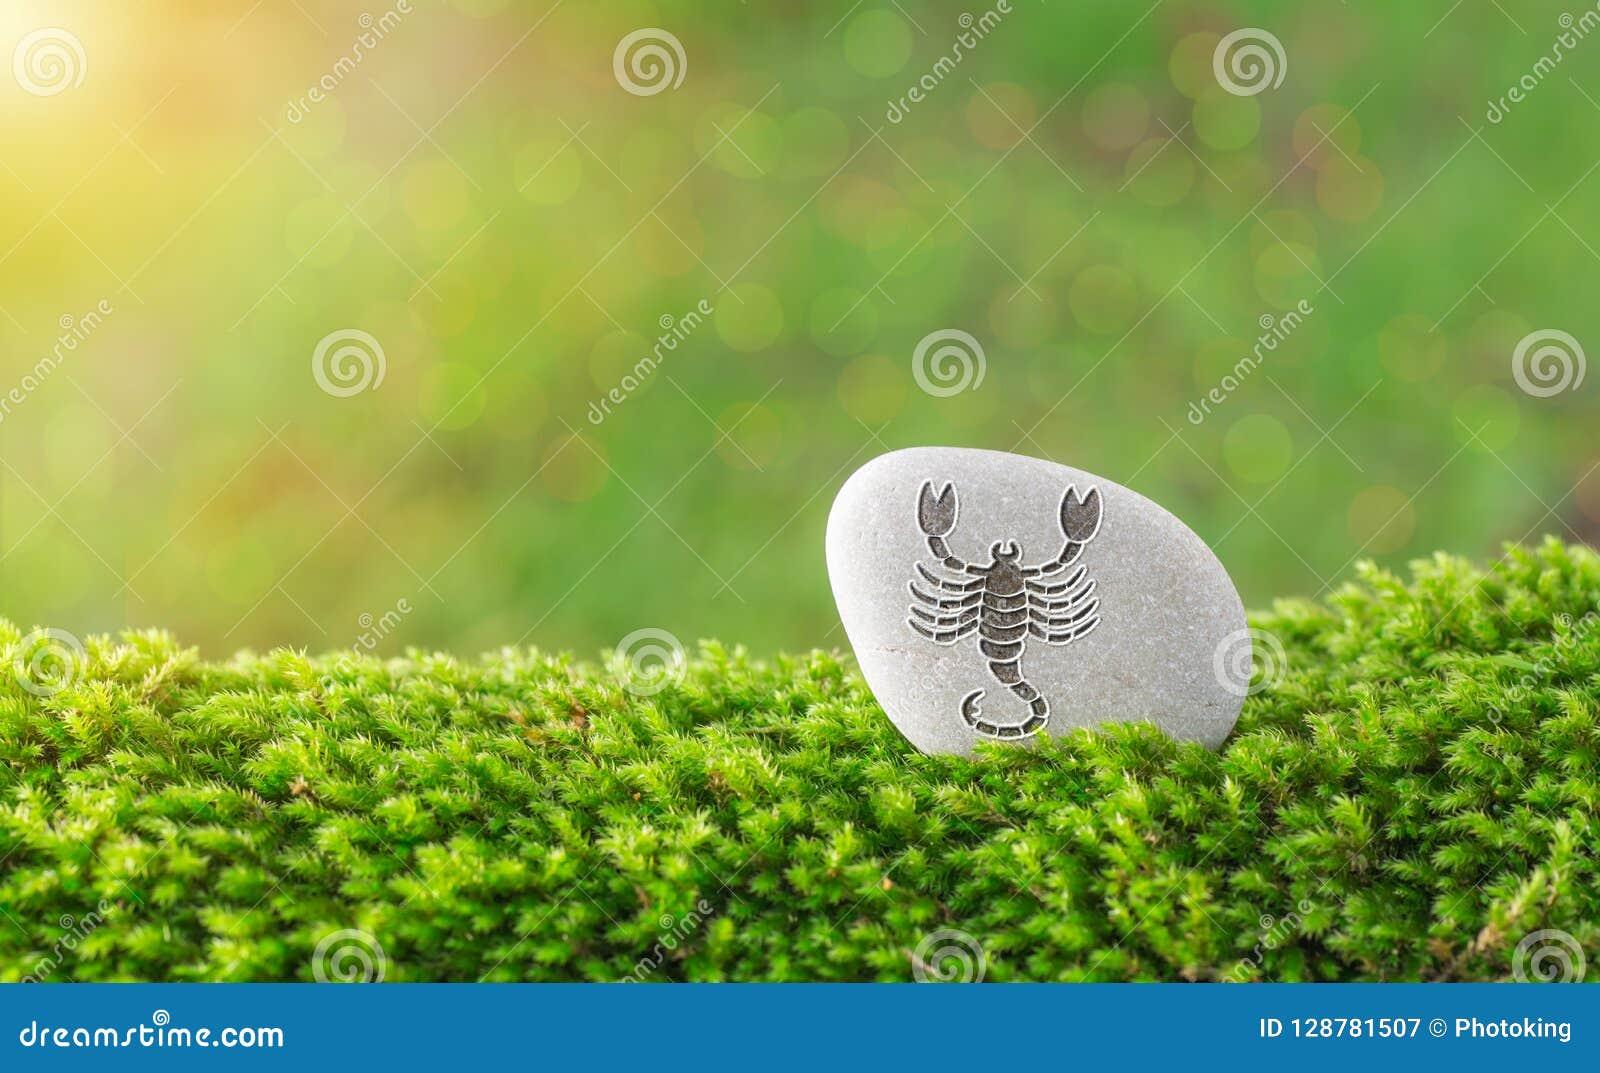 Scorpio zodiac symbol in stone